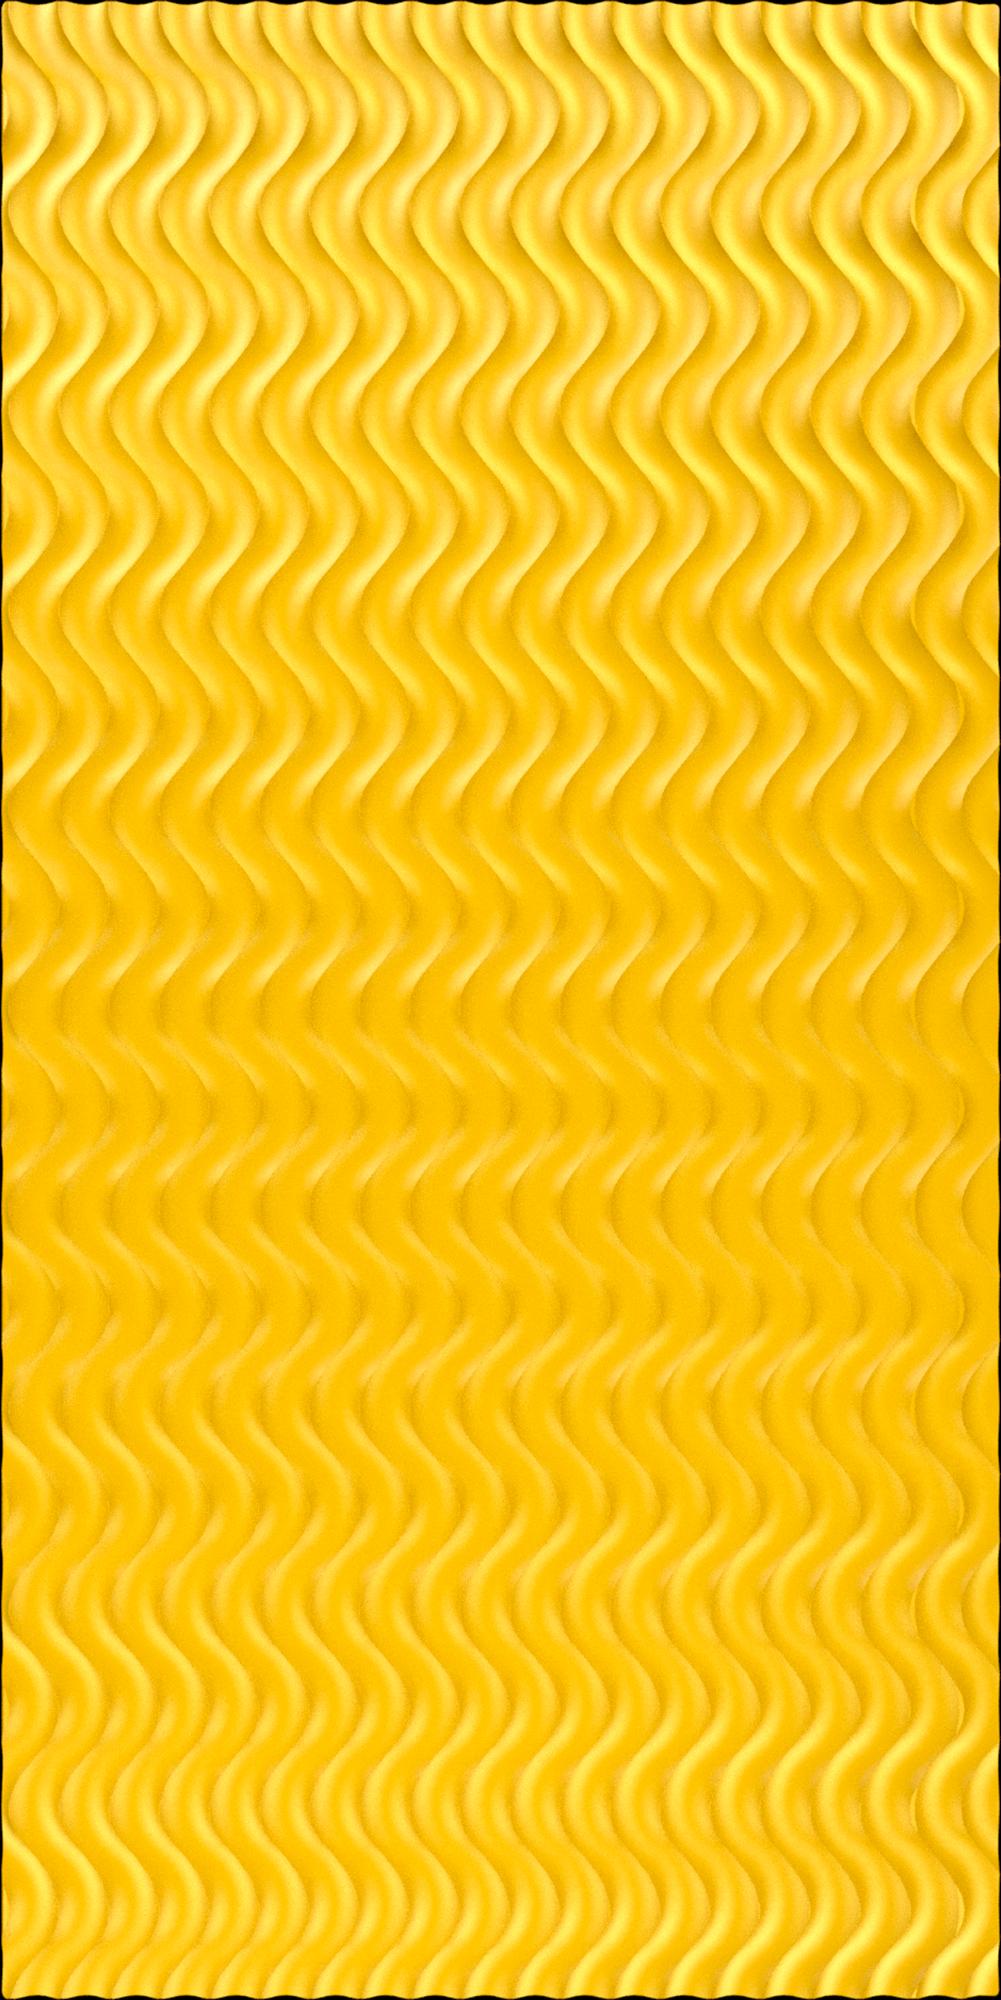 Panou neperforat Waves